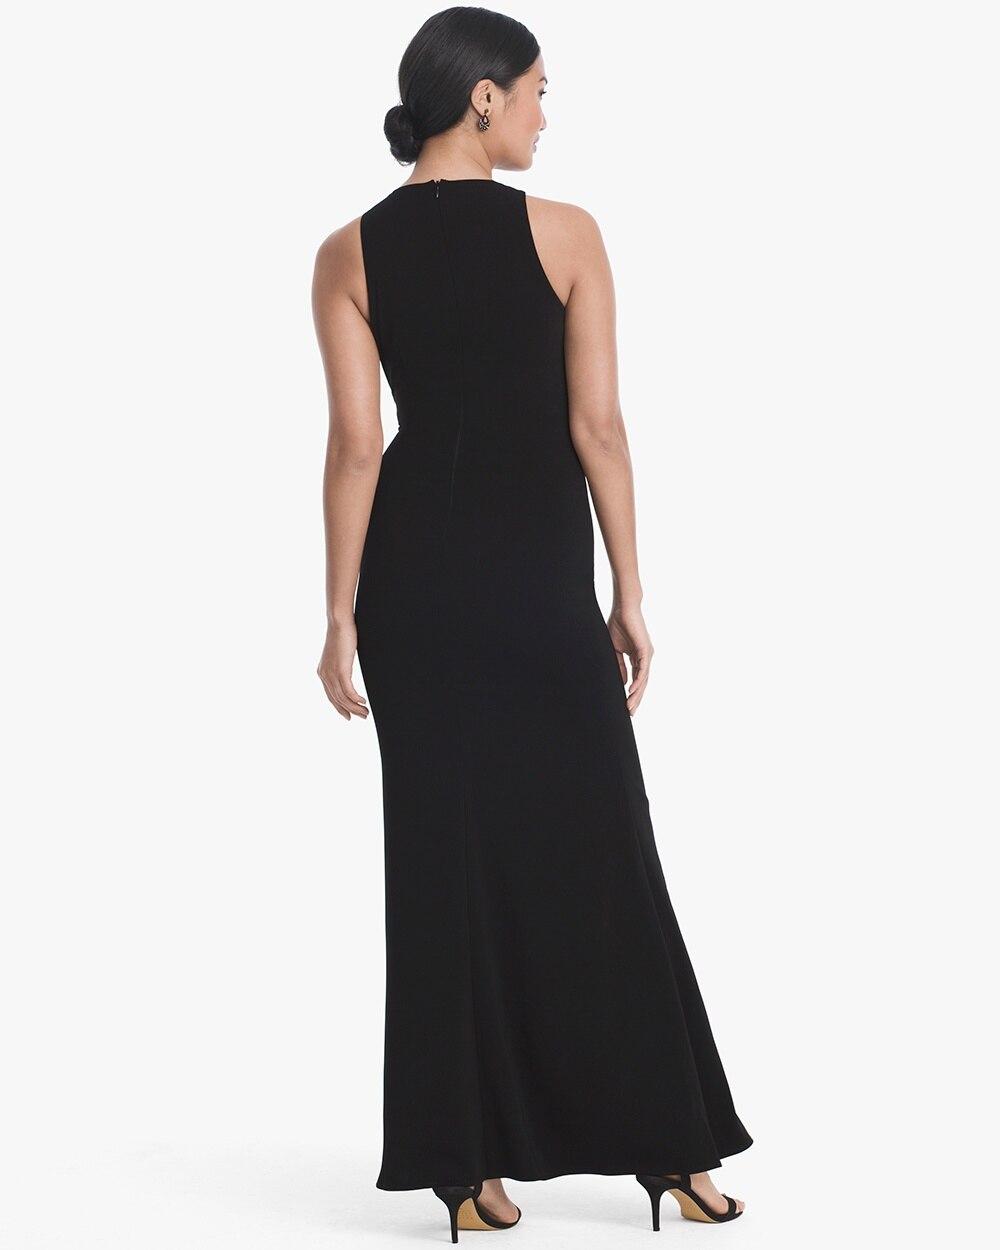 Black & White Flounce Gown - White House Black Market